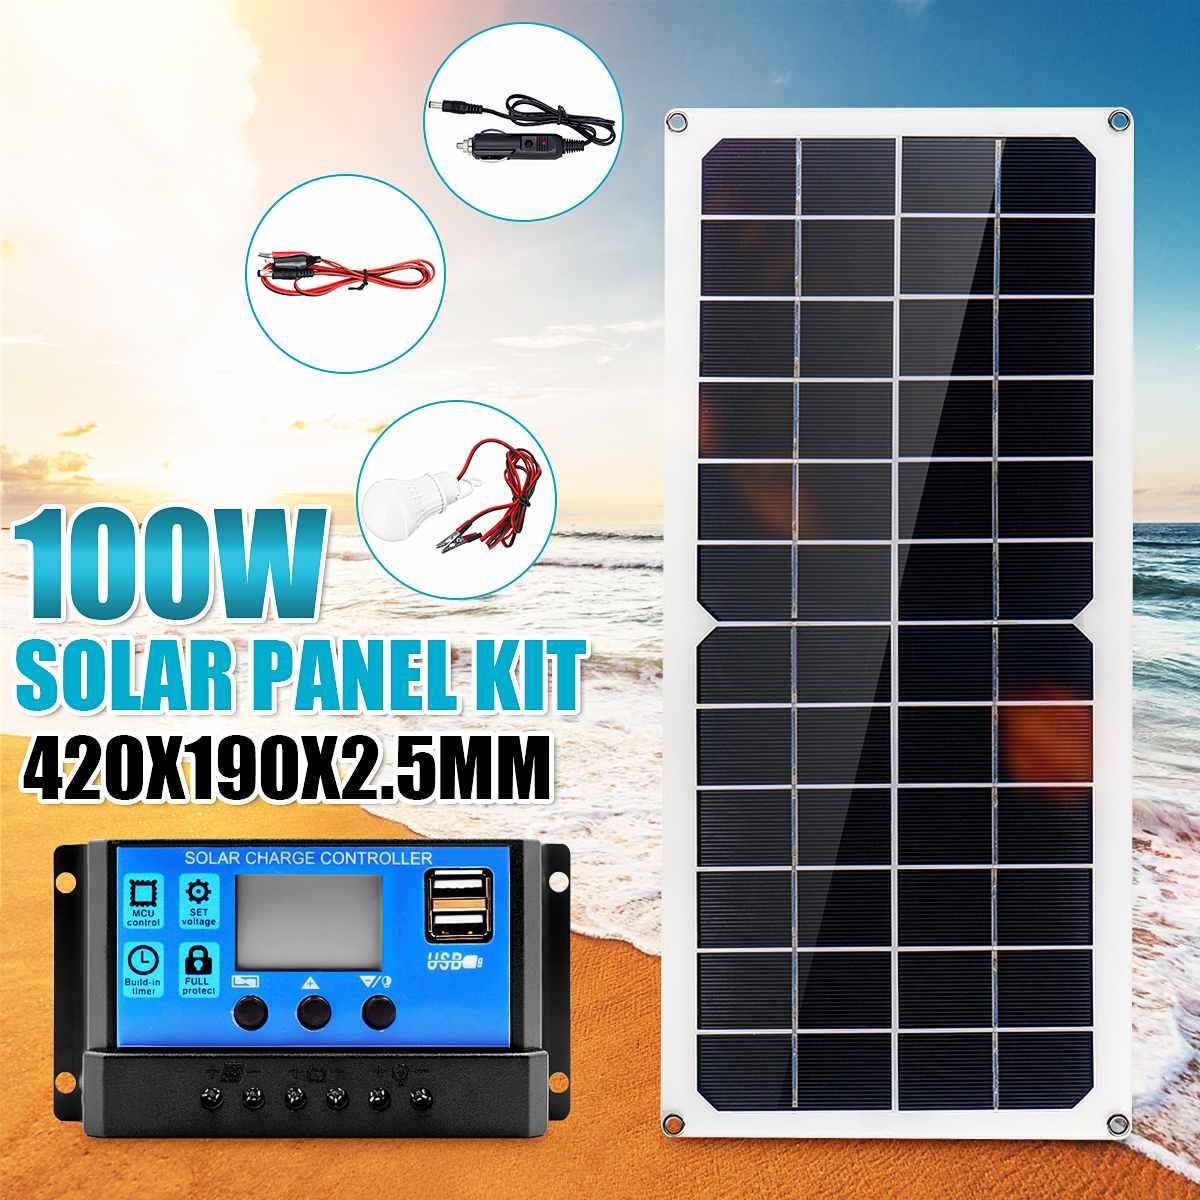 Pannello solare da 100W 18V Dual USB con lampada a LED da 3W regolatore di carica per regolatore solare da 10A USB per luce da campeggio esterna per auto